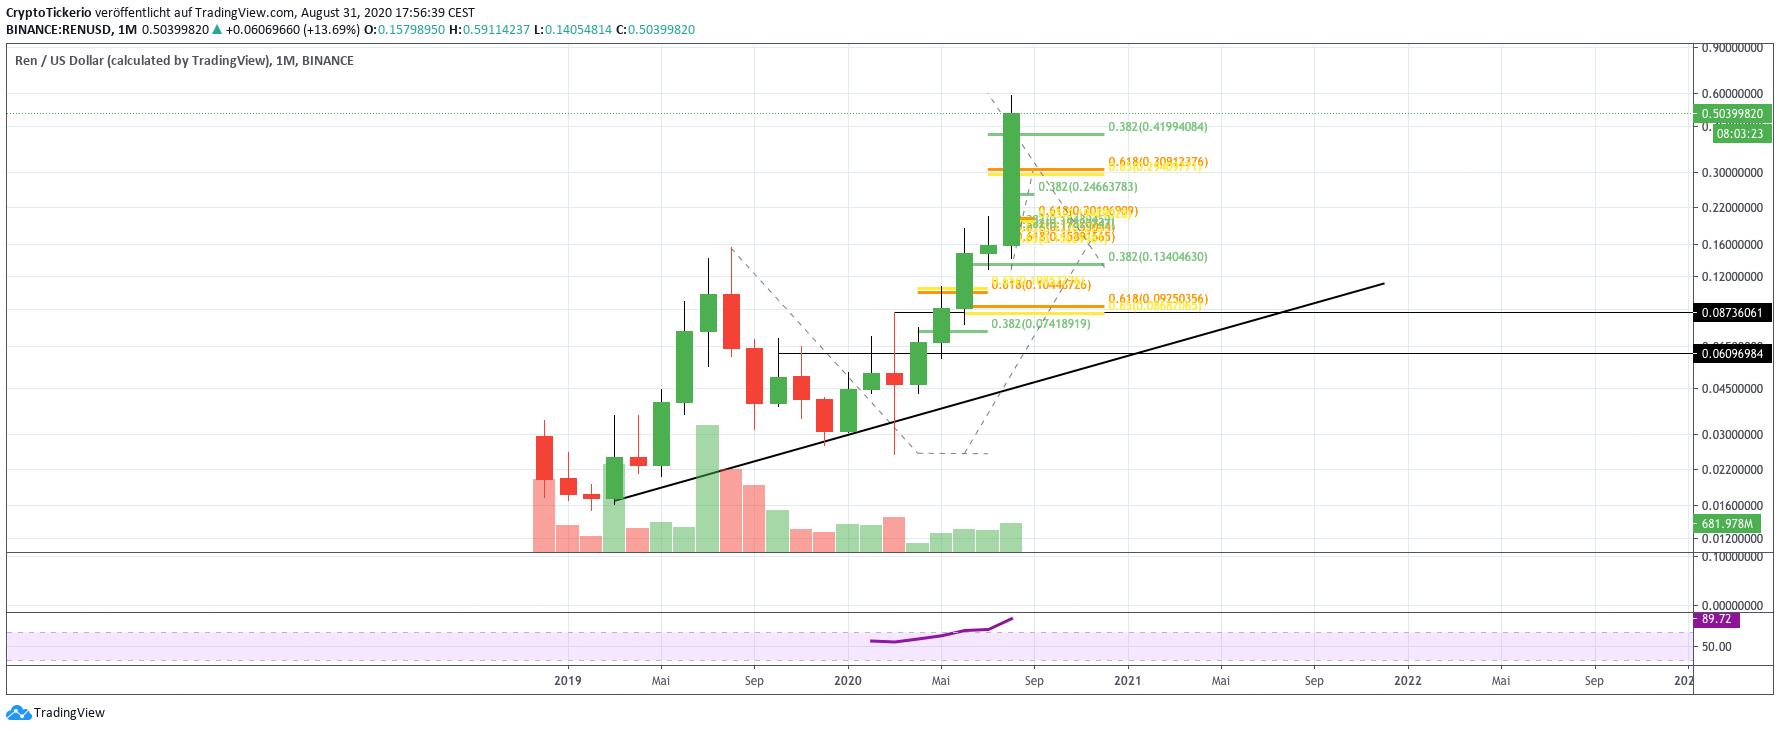 REN/USD Monthly  – Tradingview